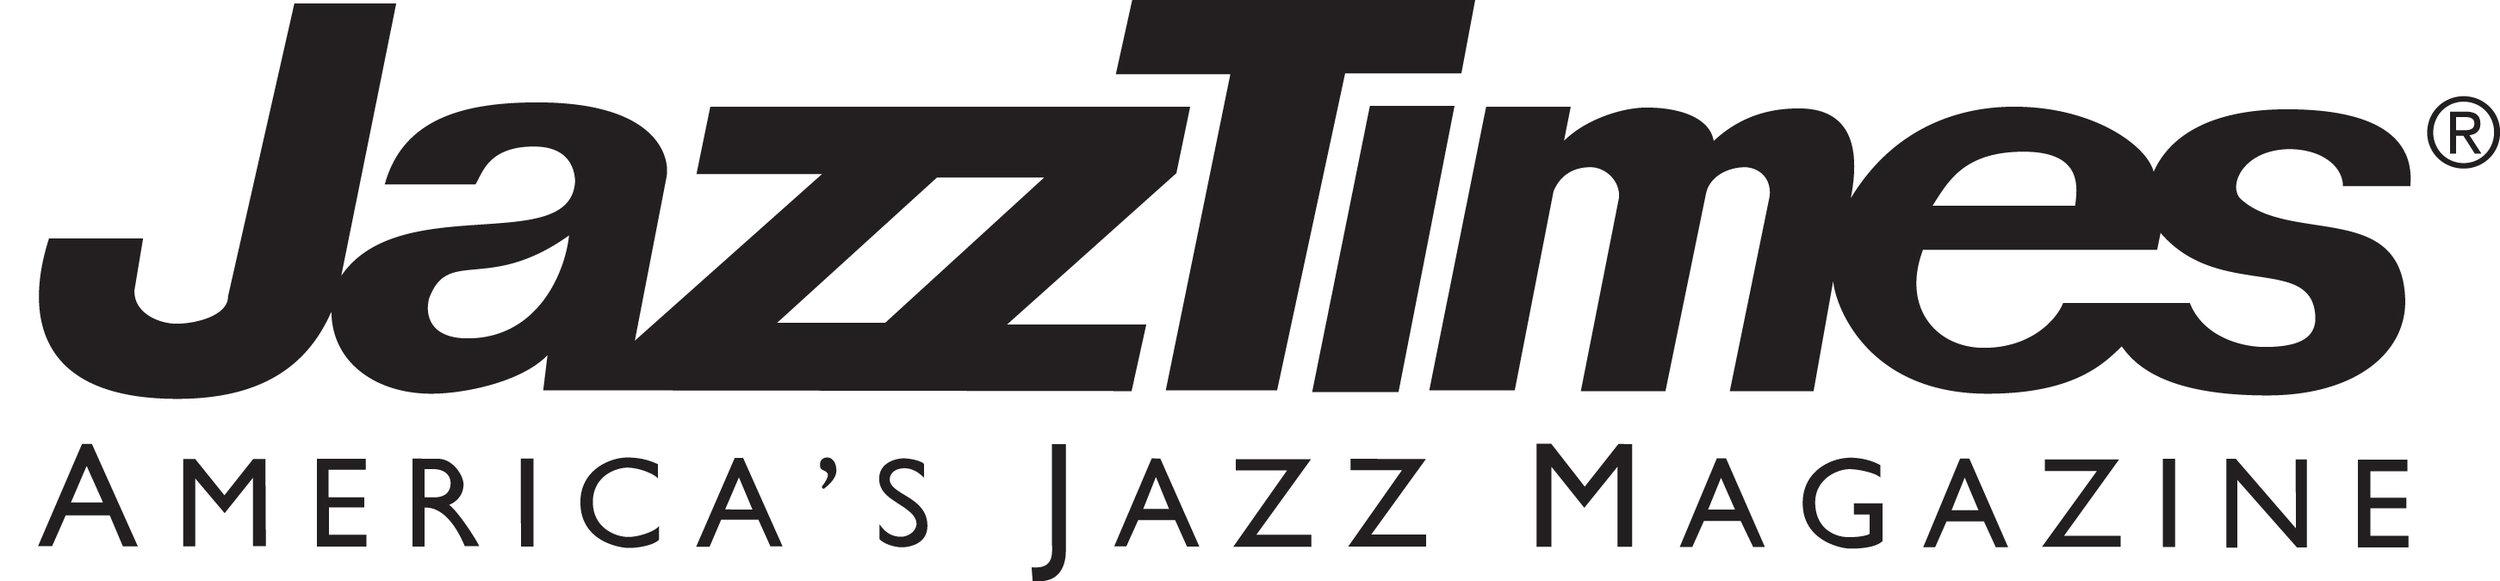 JazzTimes_black1.jpg